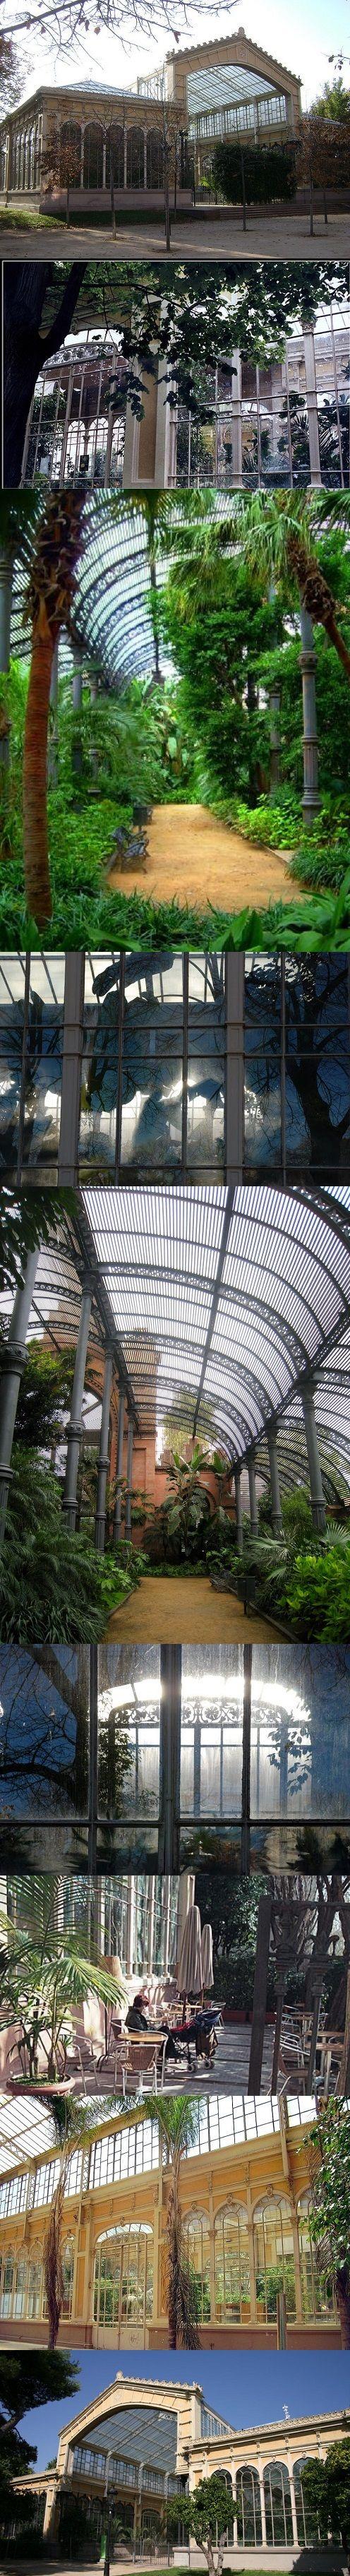 L'Hivernacle en el Parc de la Ciutadella , Barcelona.